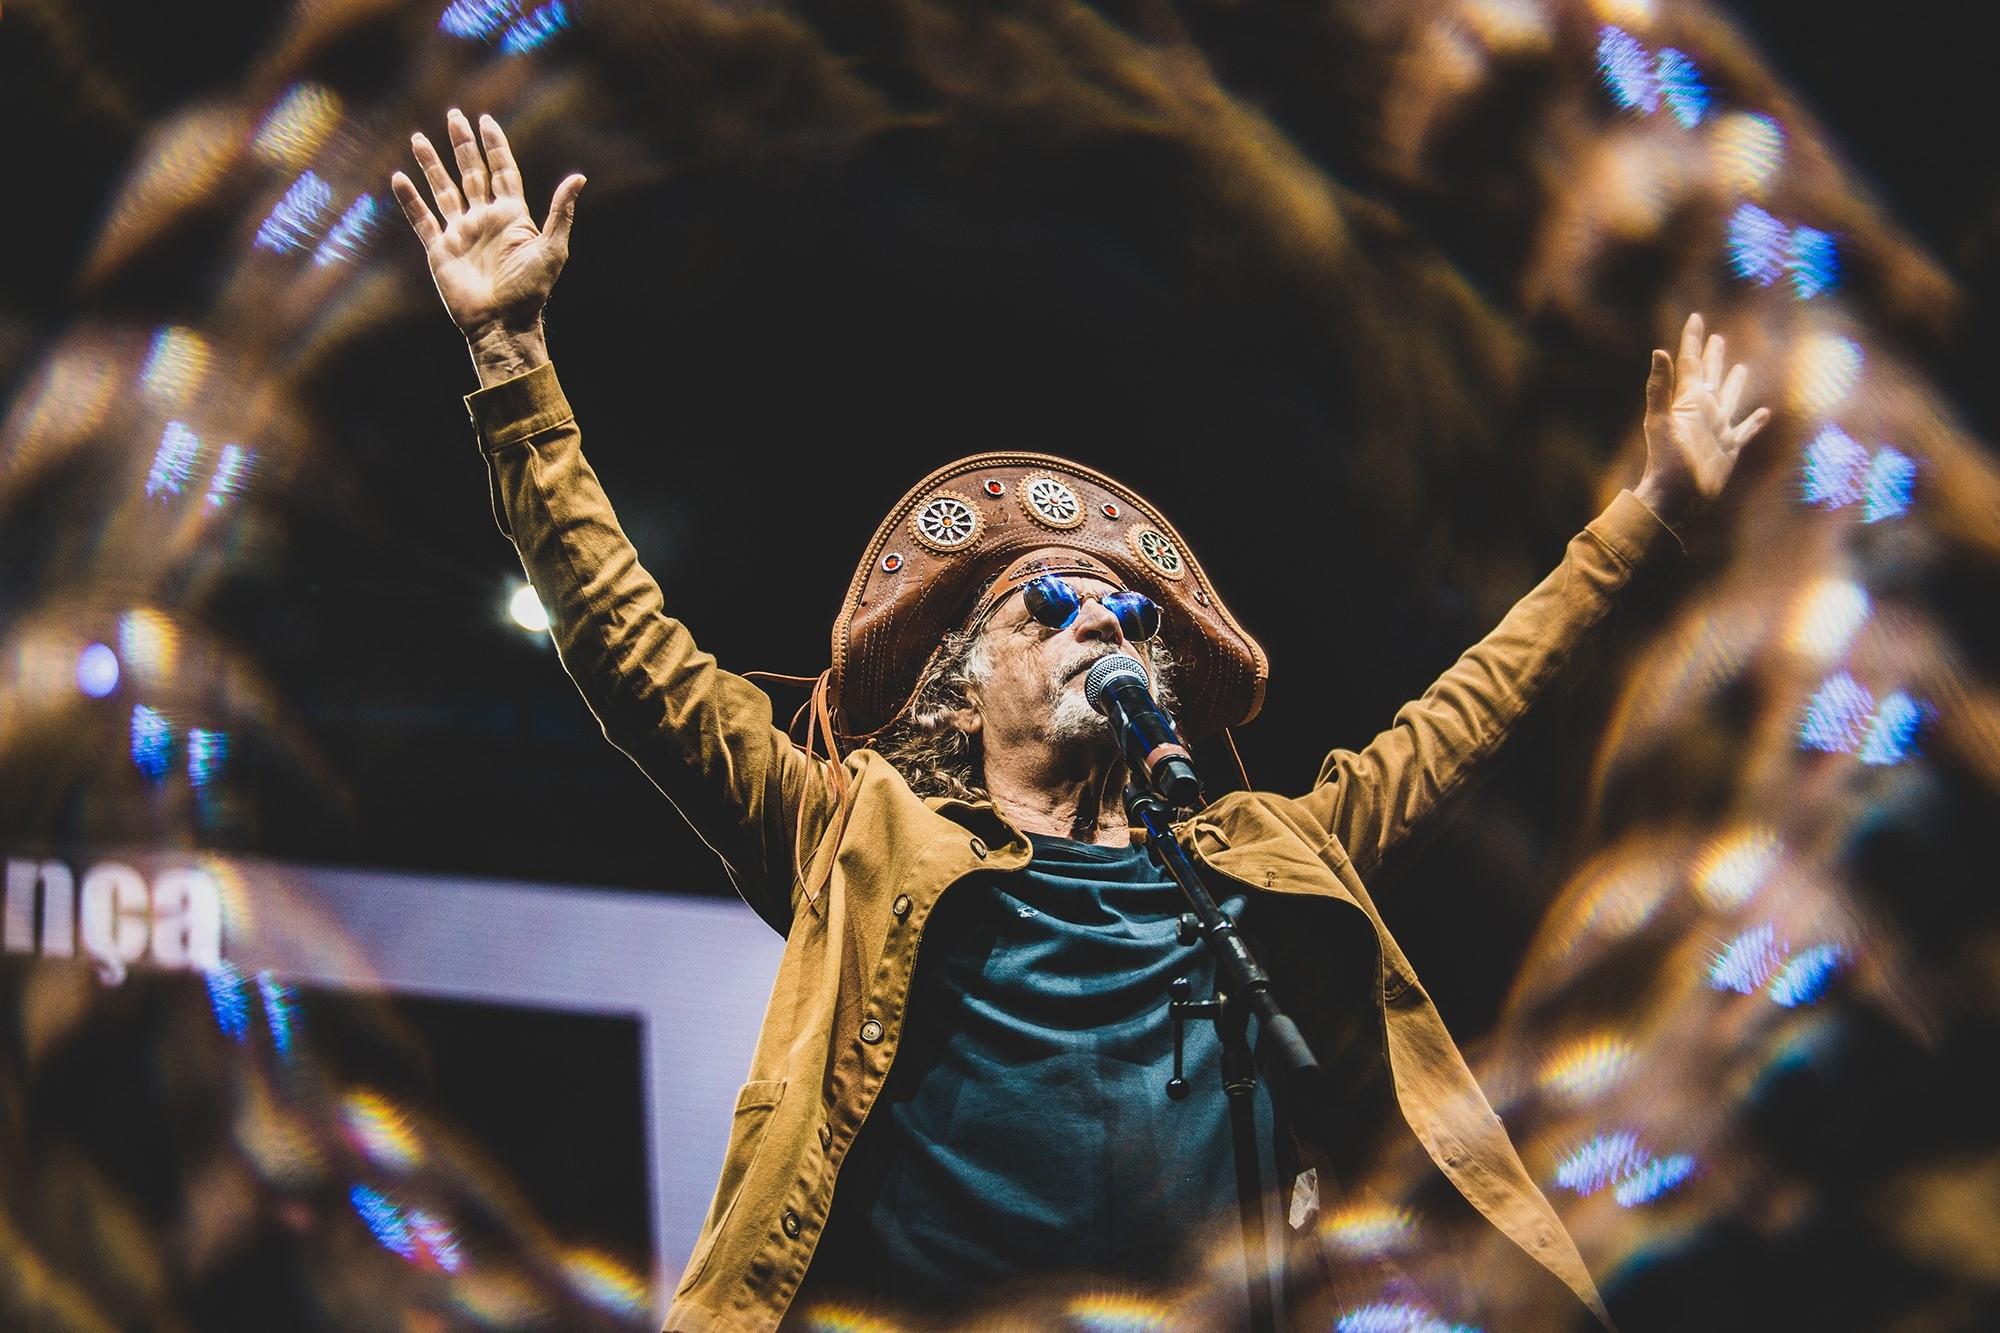 Lives de hoje: Alceu Valença, Joelma, Sepultura, Fábio Brazza e mais shows para ver em casa